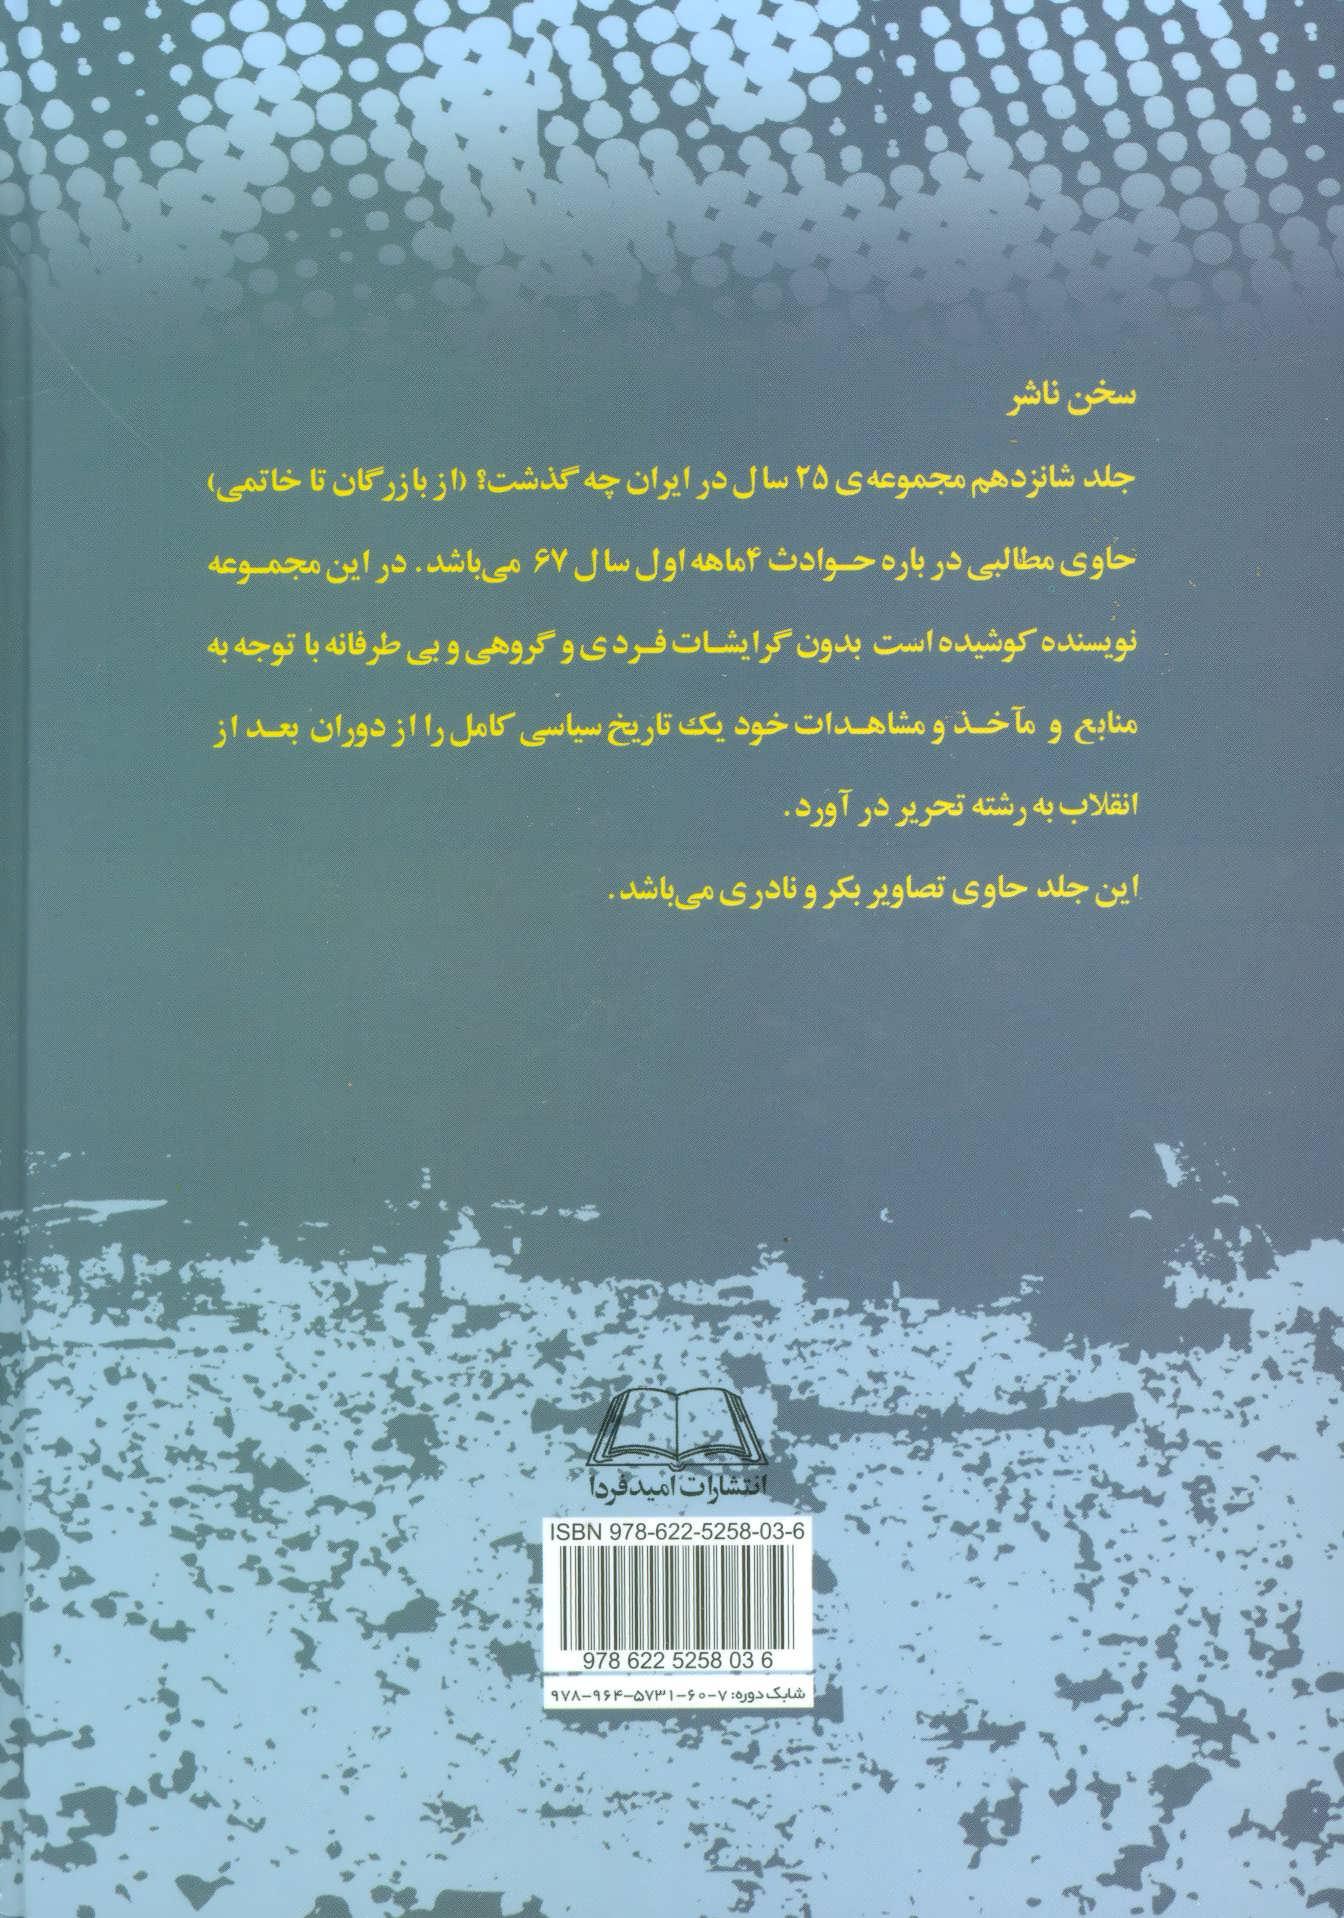 بیست و چنج سال در ایران چه گذشت؟16 (از بازرگان تا خاتمی)